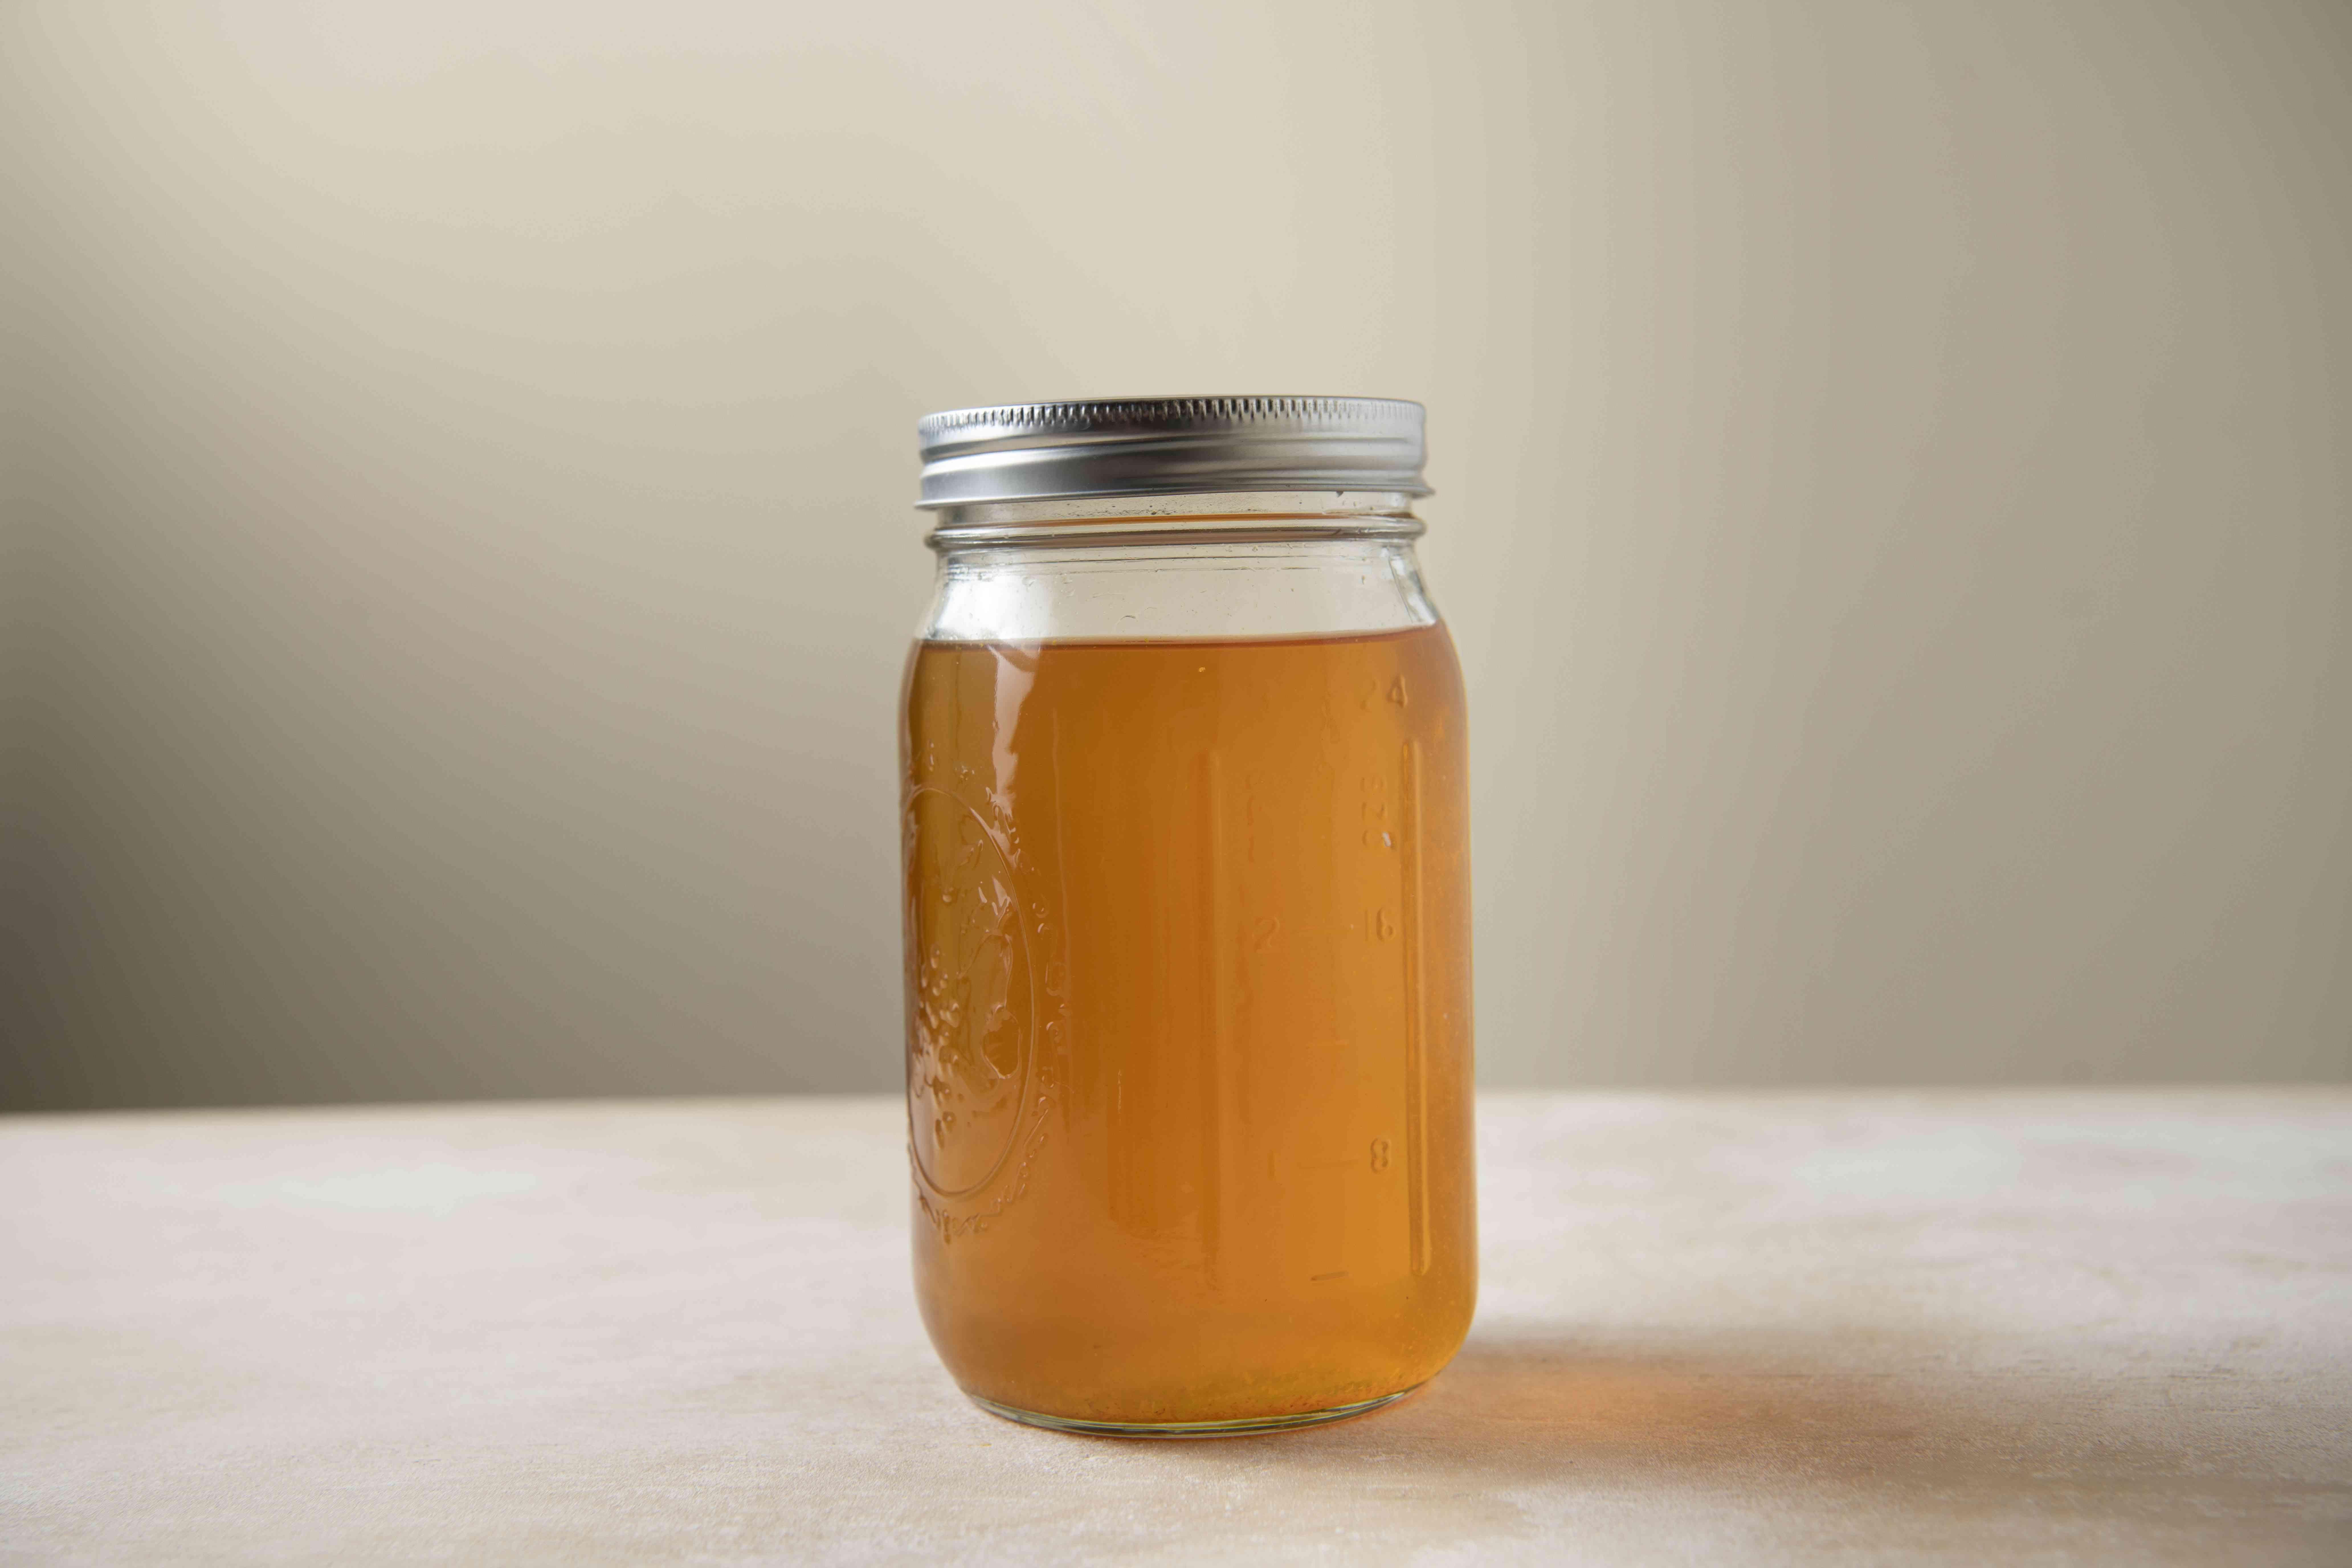 A jar of peach liqueur in a dark setting